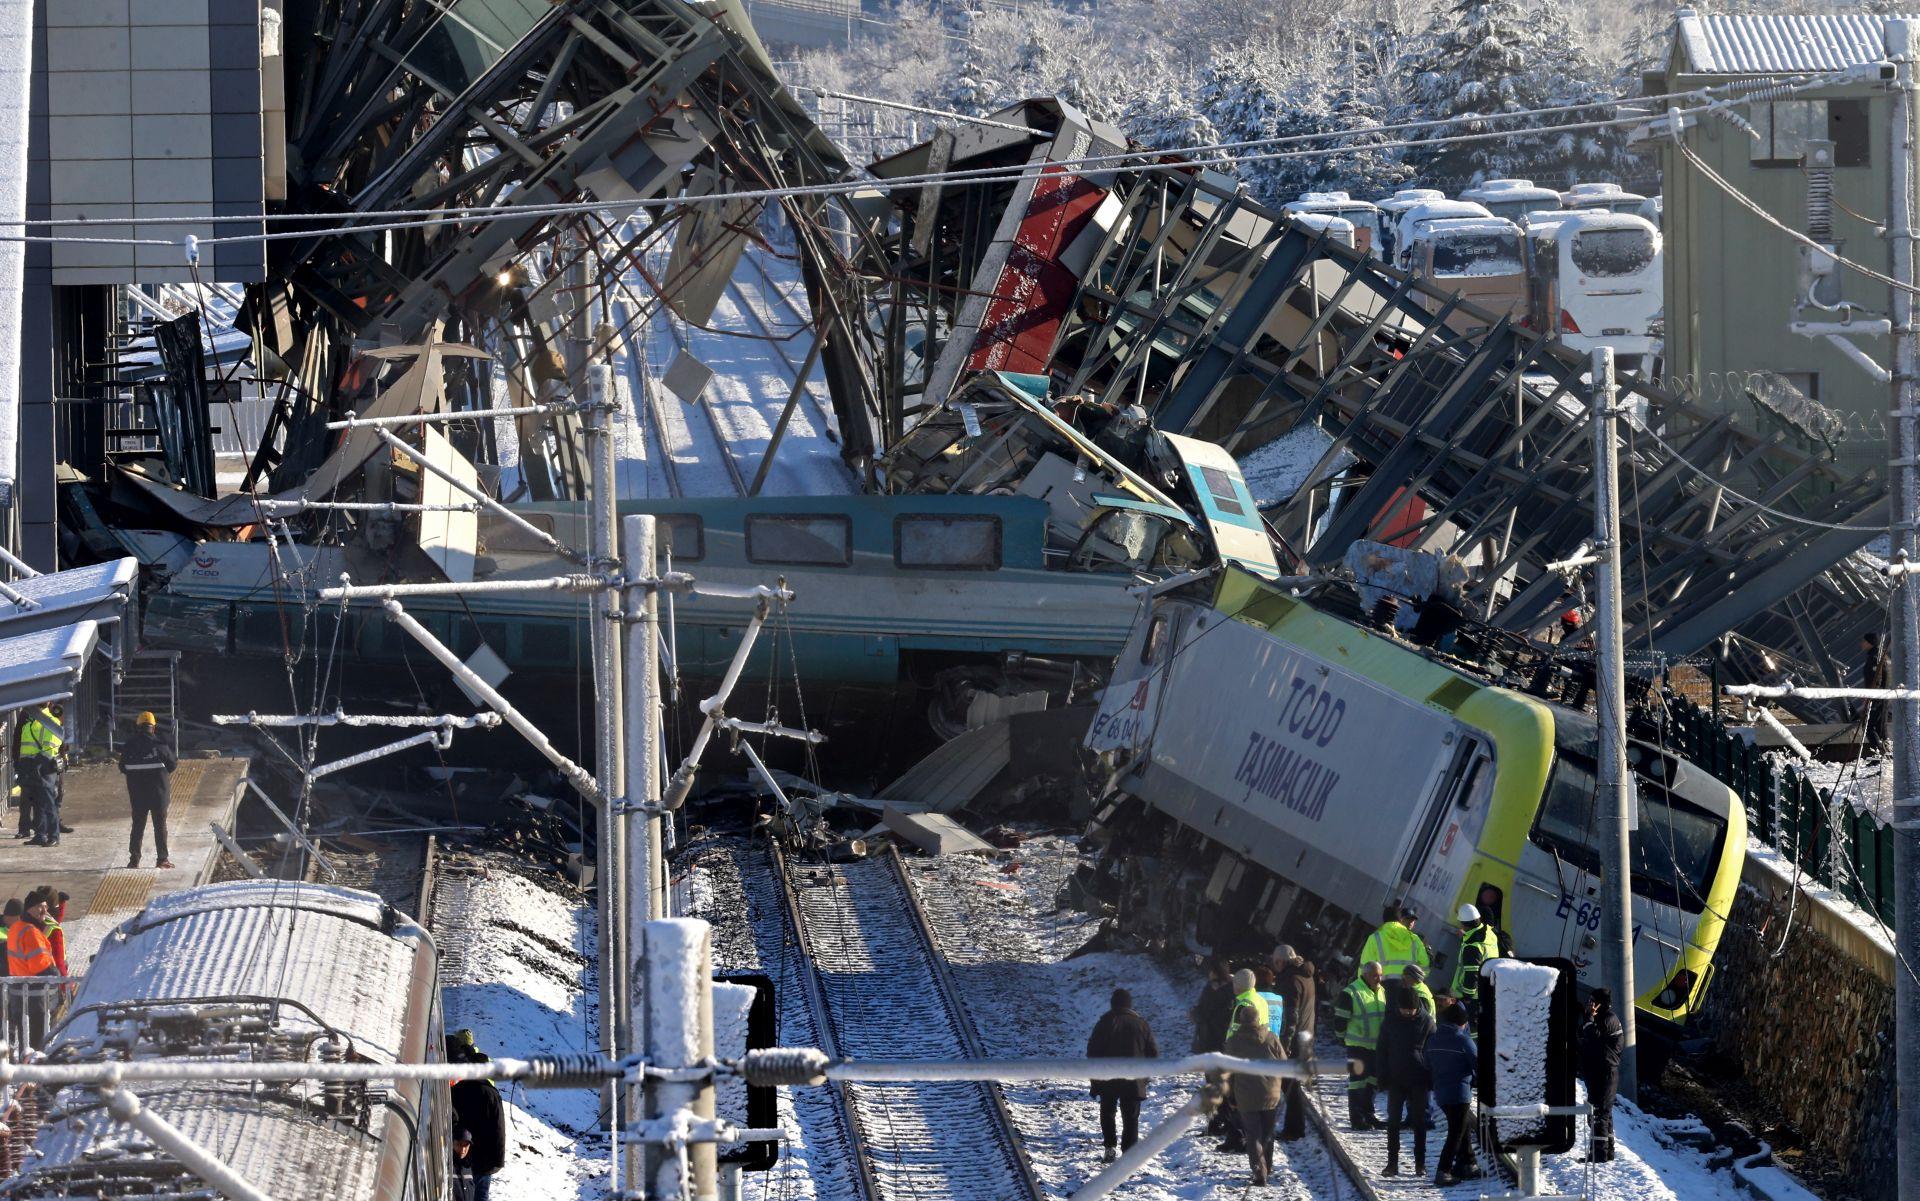 SUDAR VLAKOVA U ANKARI Najmanje 9 poginulih, spasioci traže preživjele